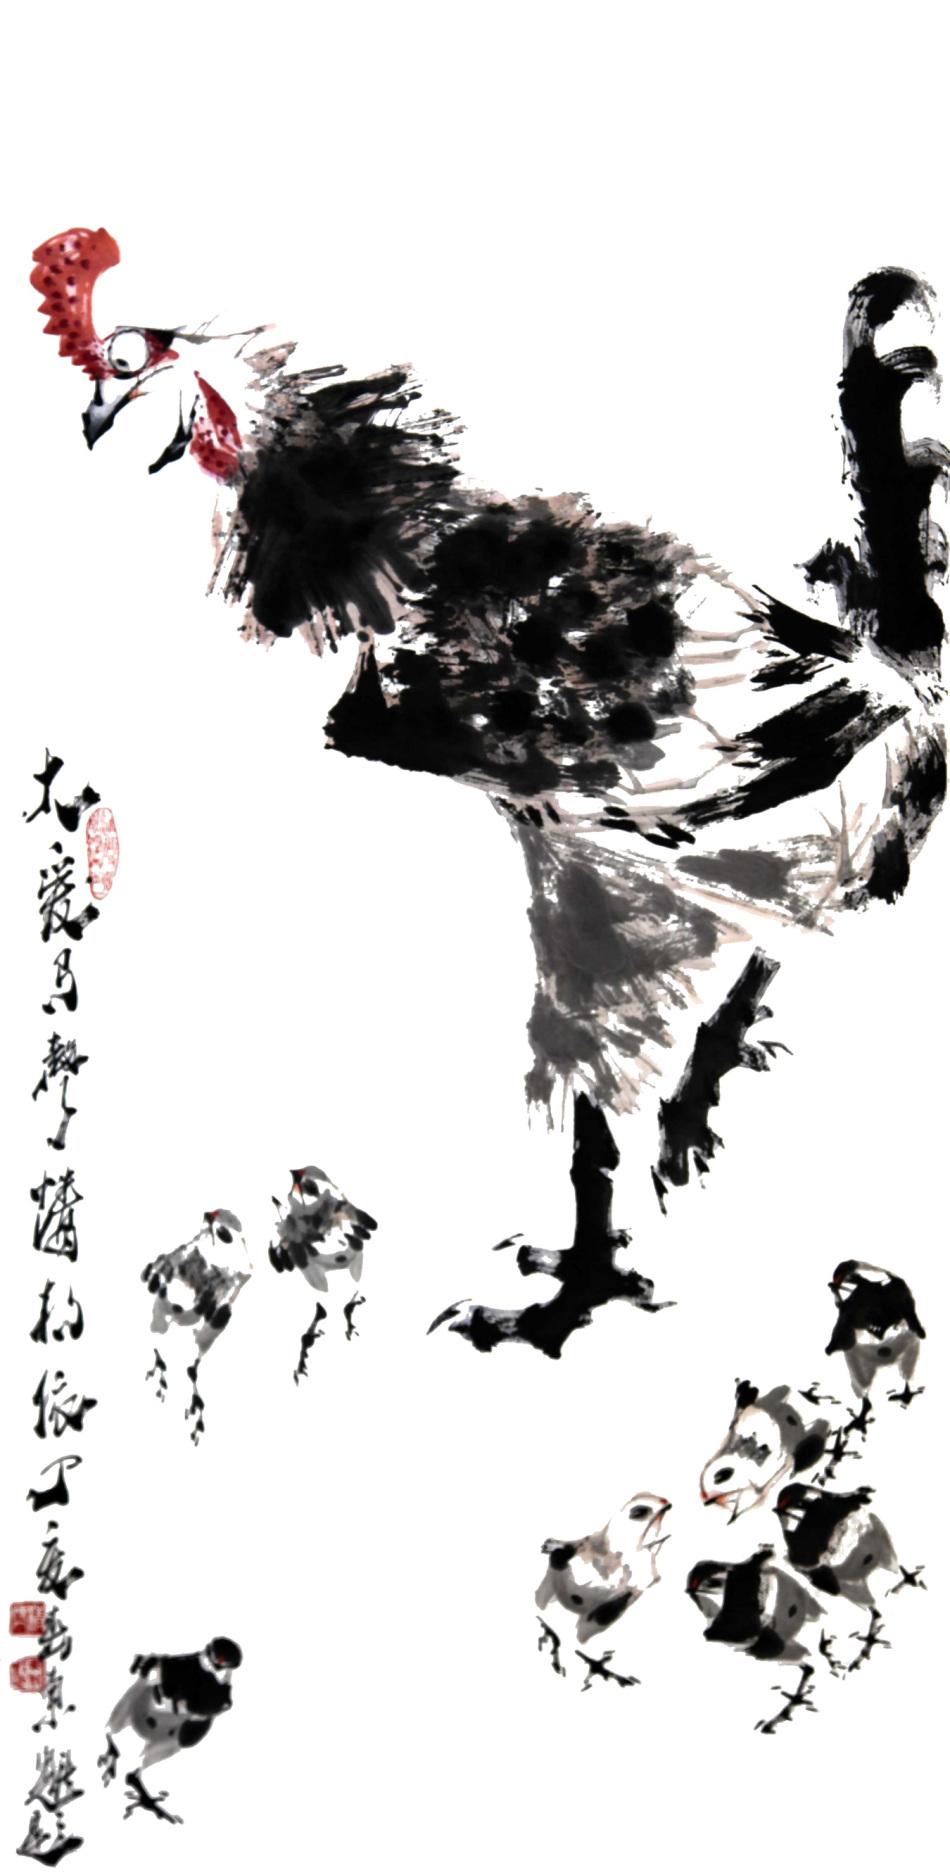 吴东魁作品展 - 山野村夫 - 山野村夫